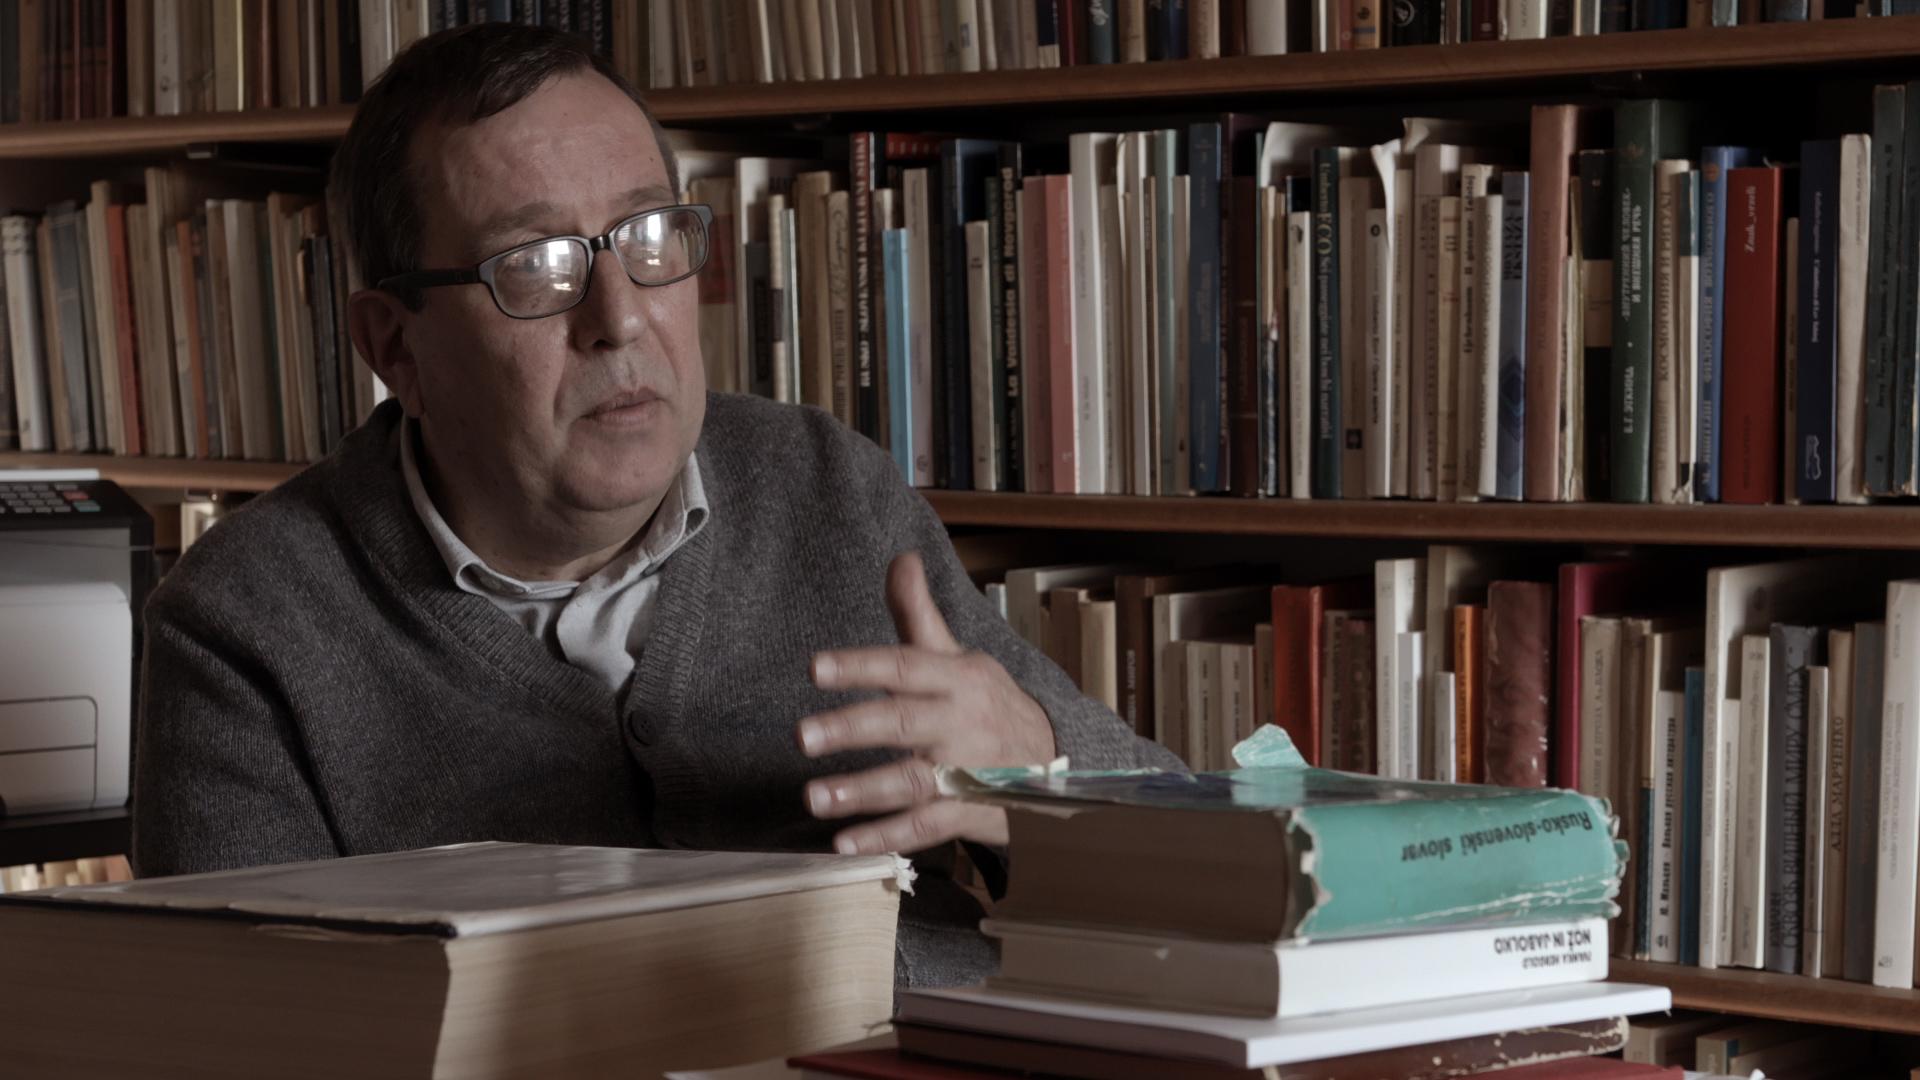 Ivan Verč, slavist (nastopajoči v filmu)